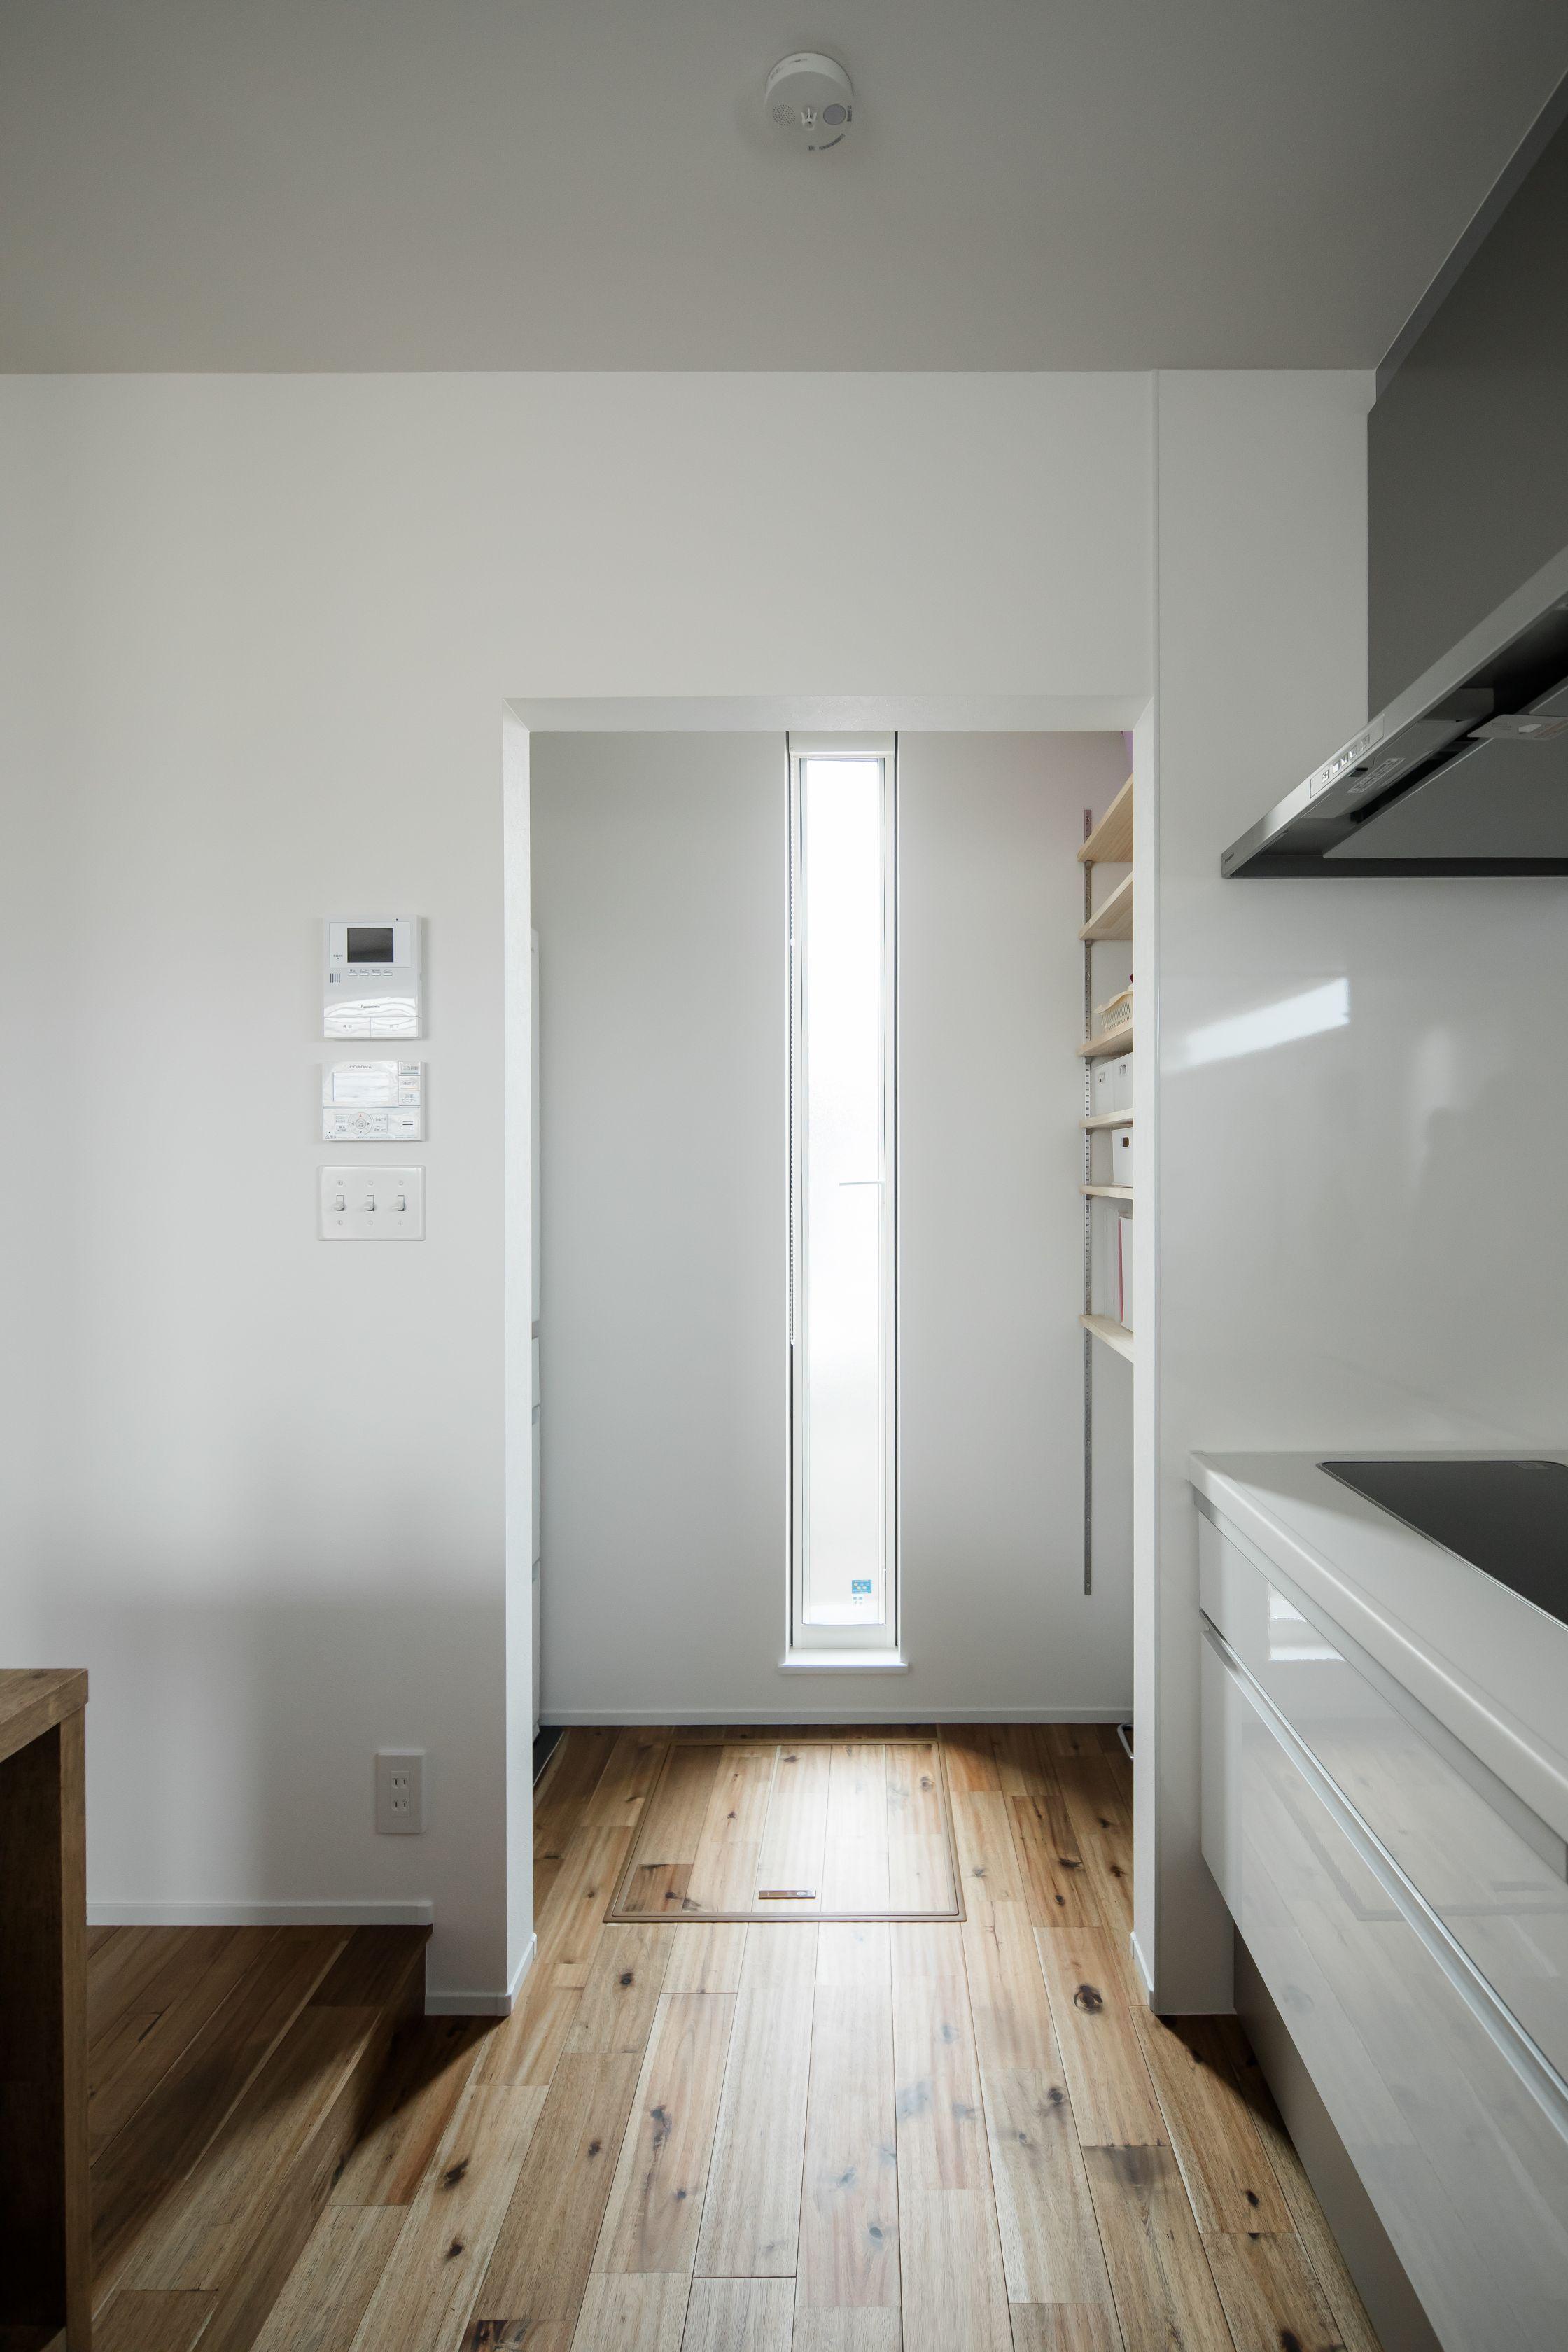 キッチン隣のパントリーですっきり収納を実現 ルポハウス 設計事務